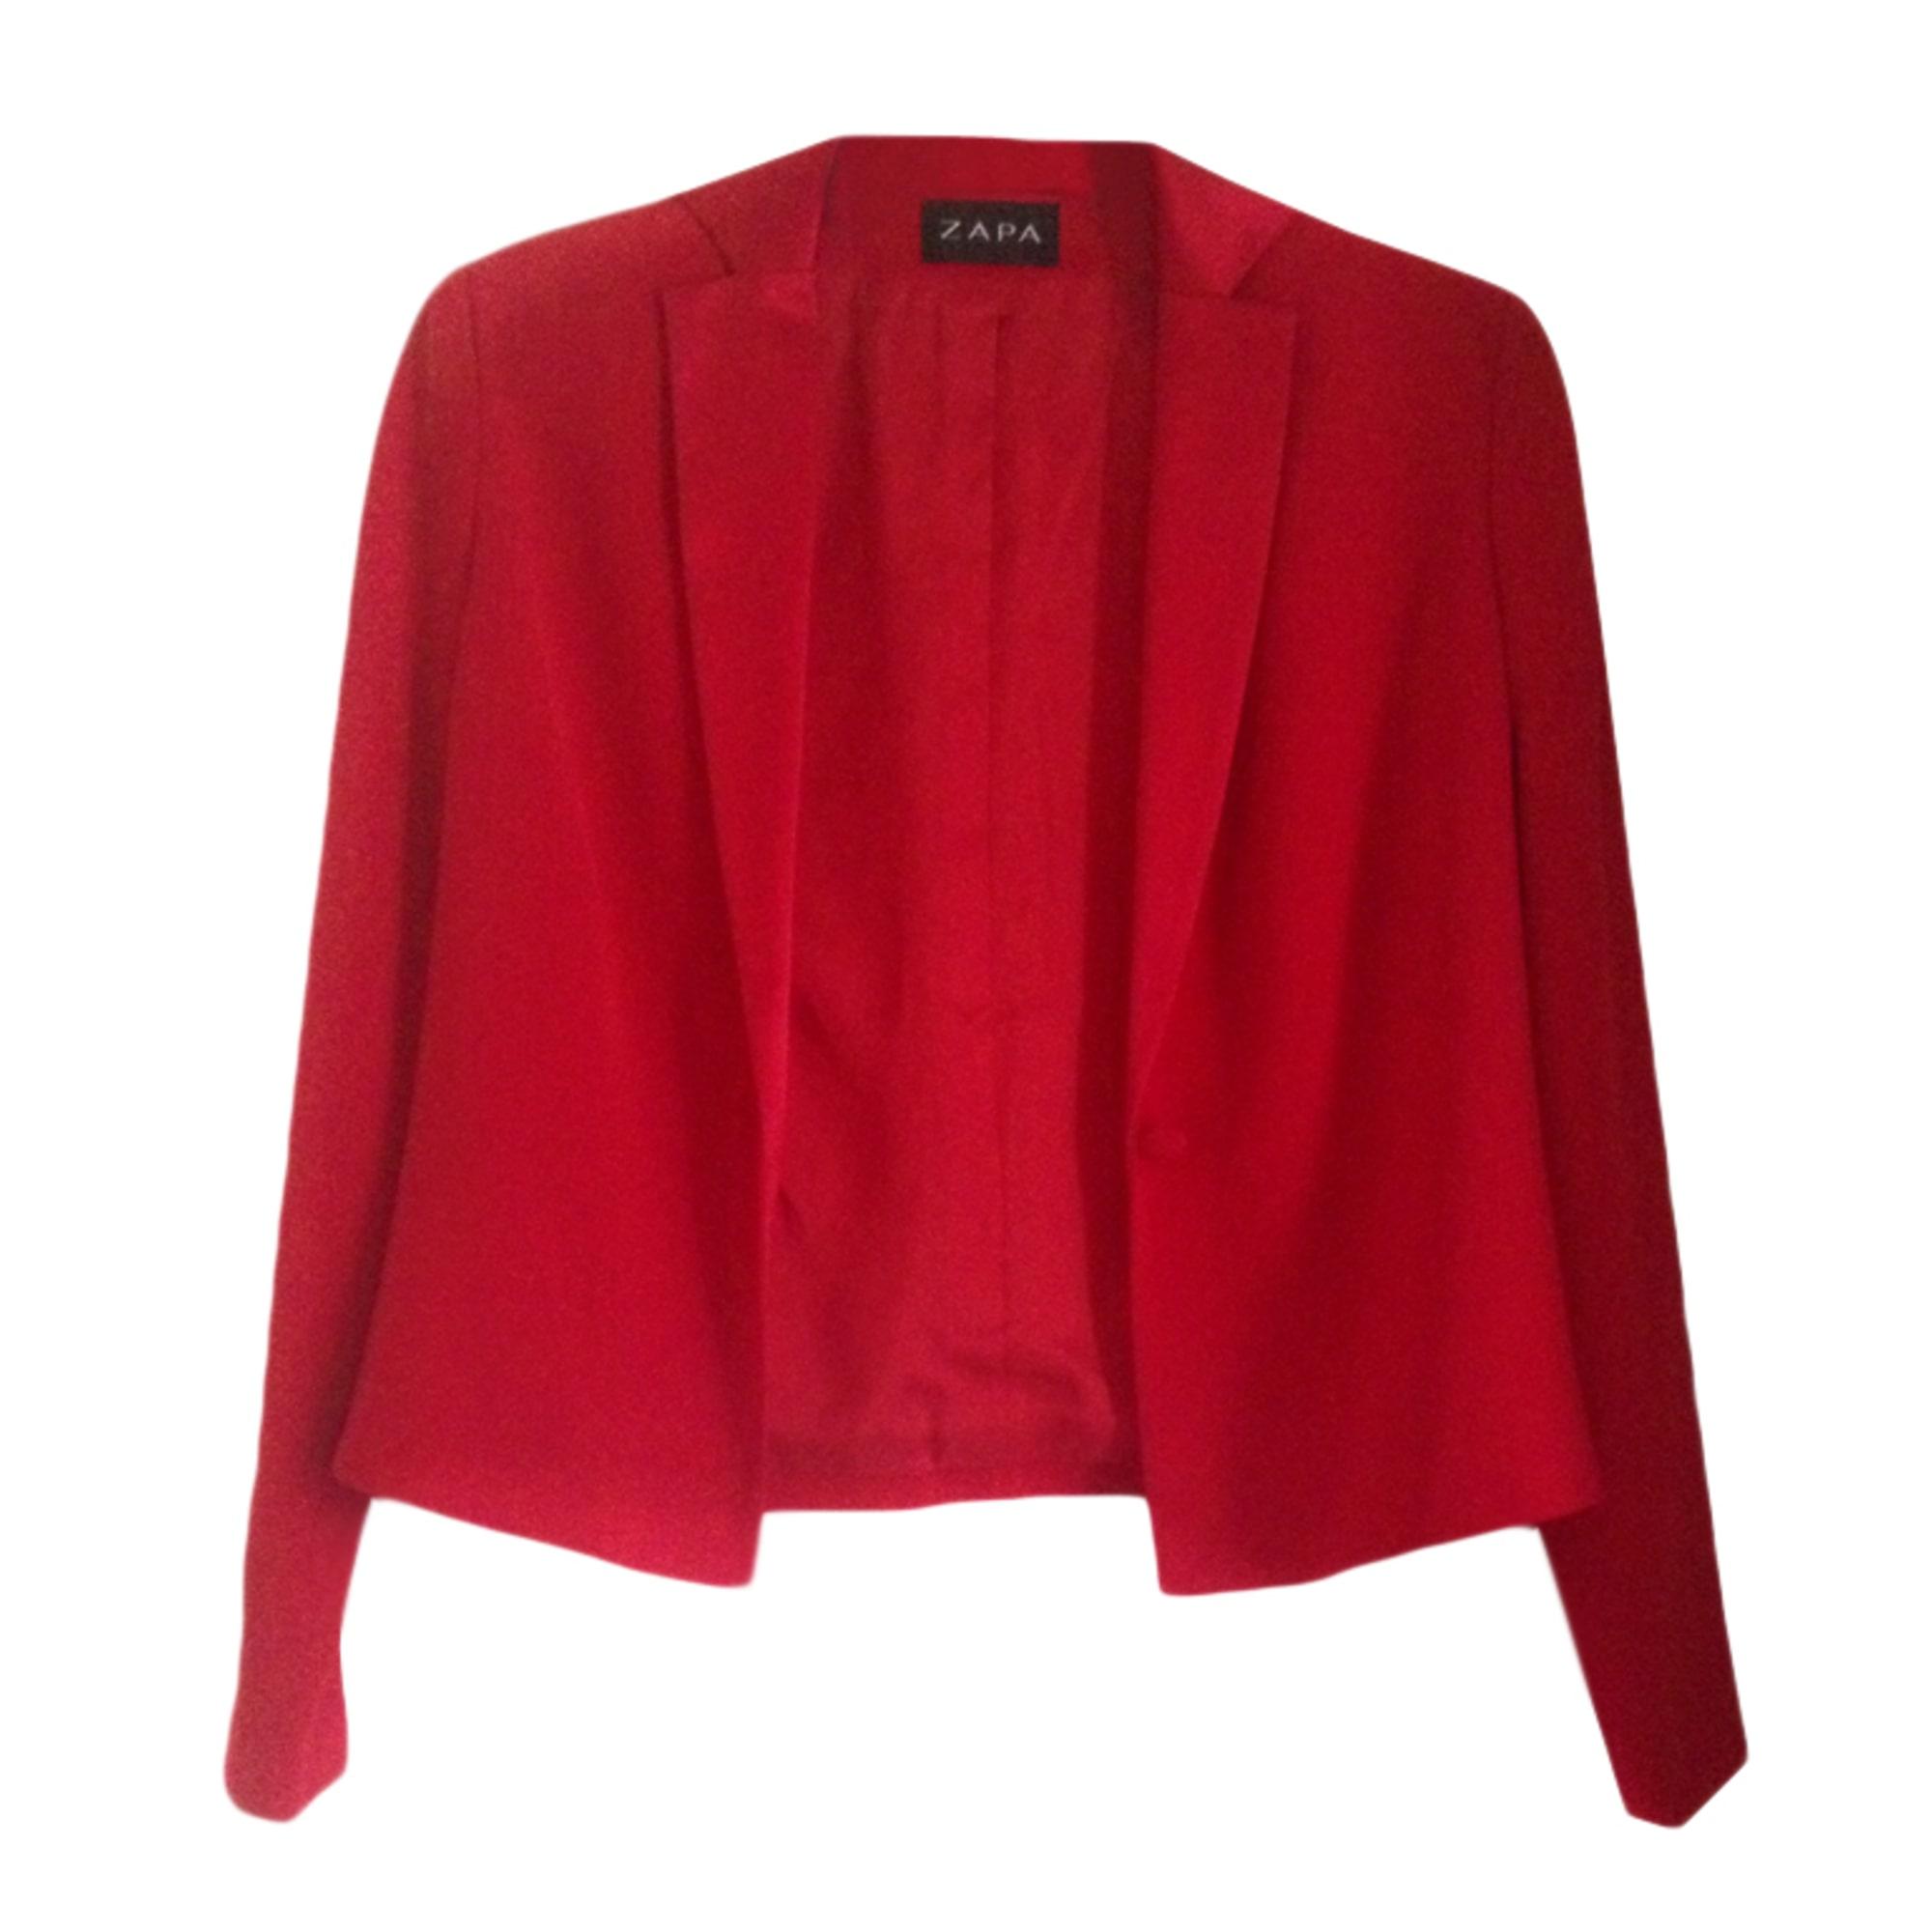 Blazer, veste tailleur ZAPA Rouge, bordeaux